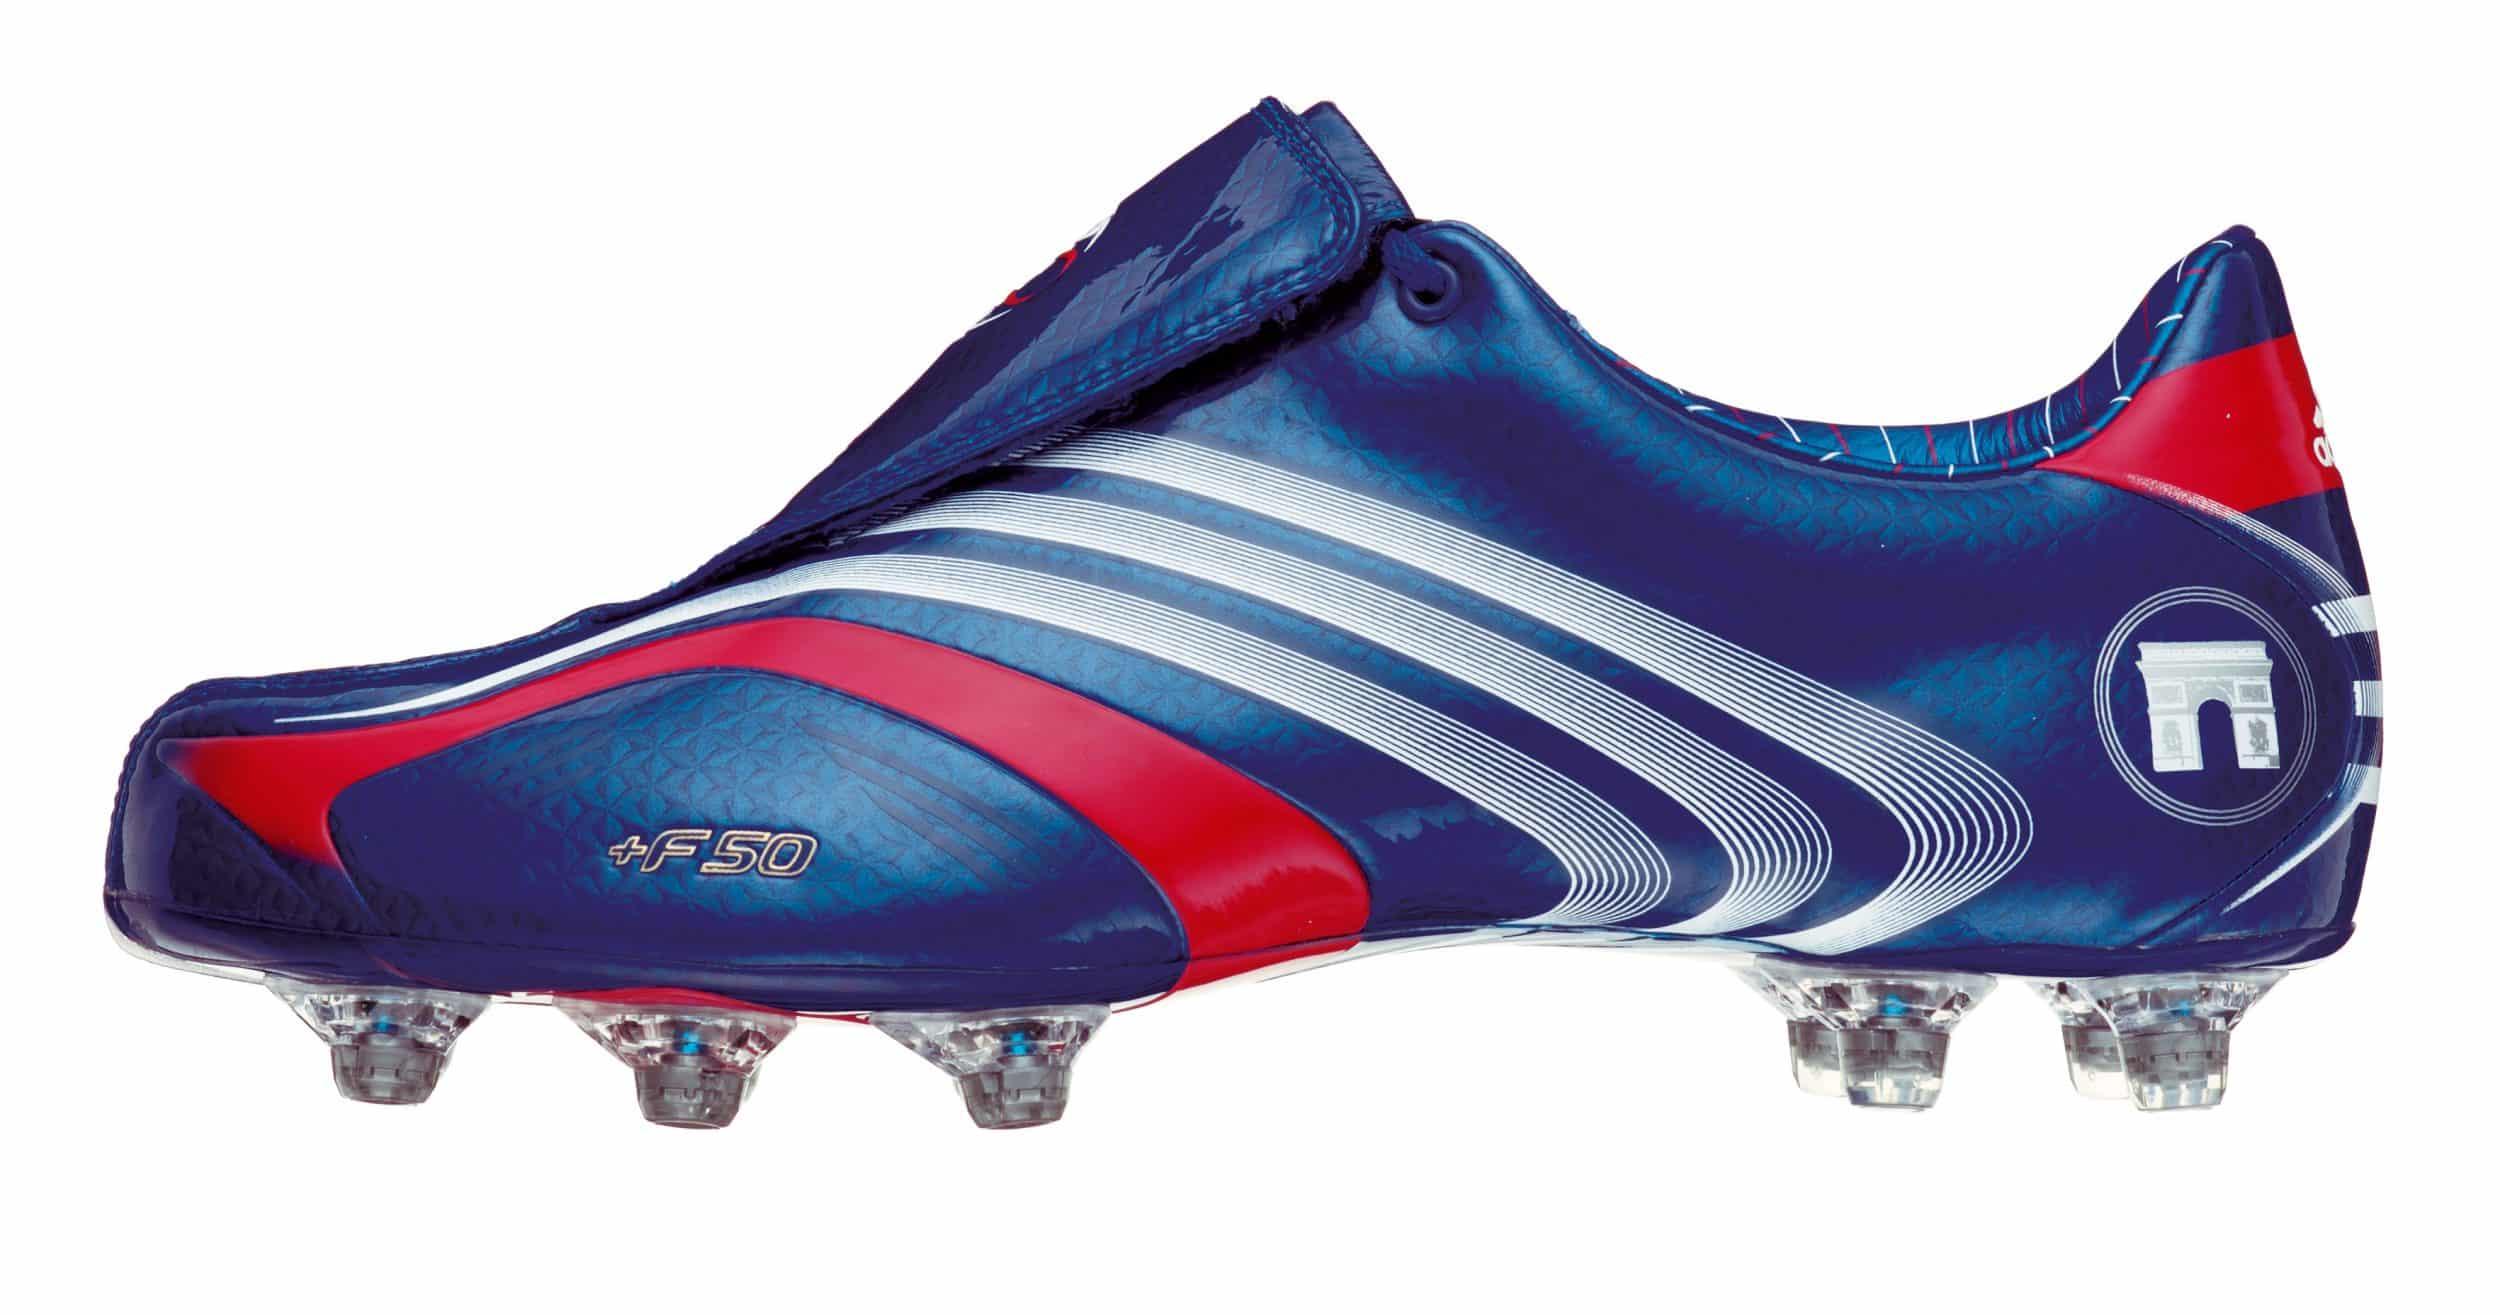 Foot Chaussures Adizero Chaussure F50 nouveau Trx De Tunit Fg LVpUzqSMG